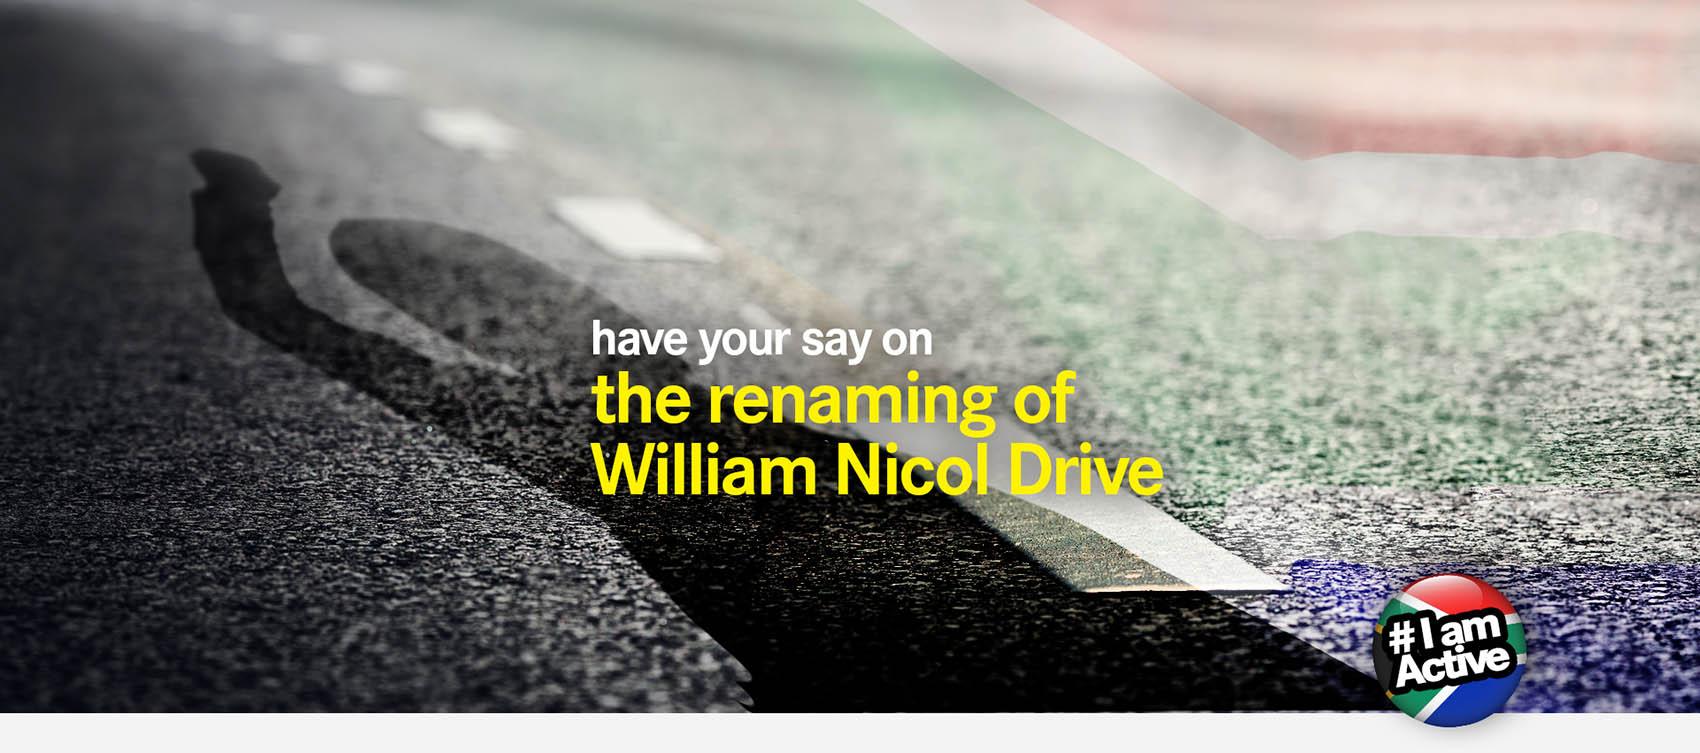 rename William Nicol DearSA